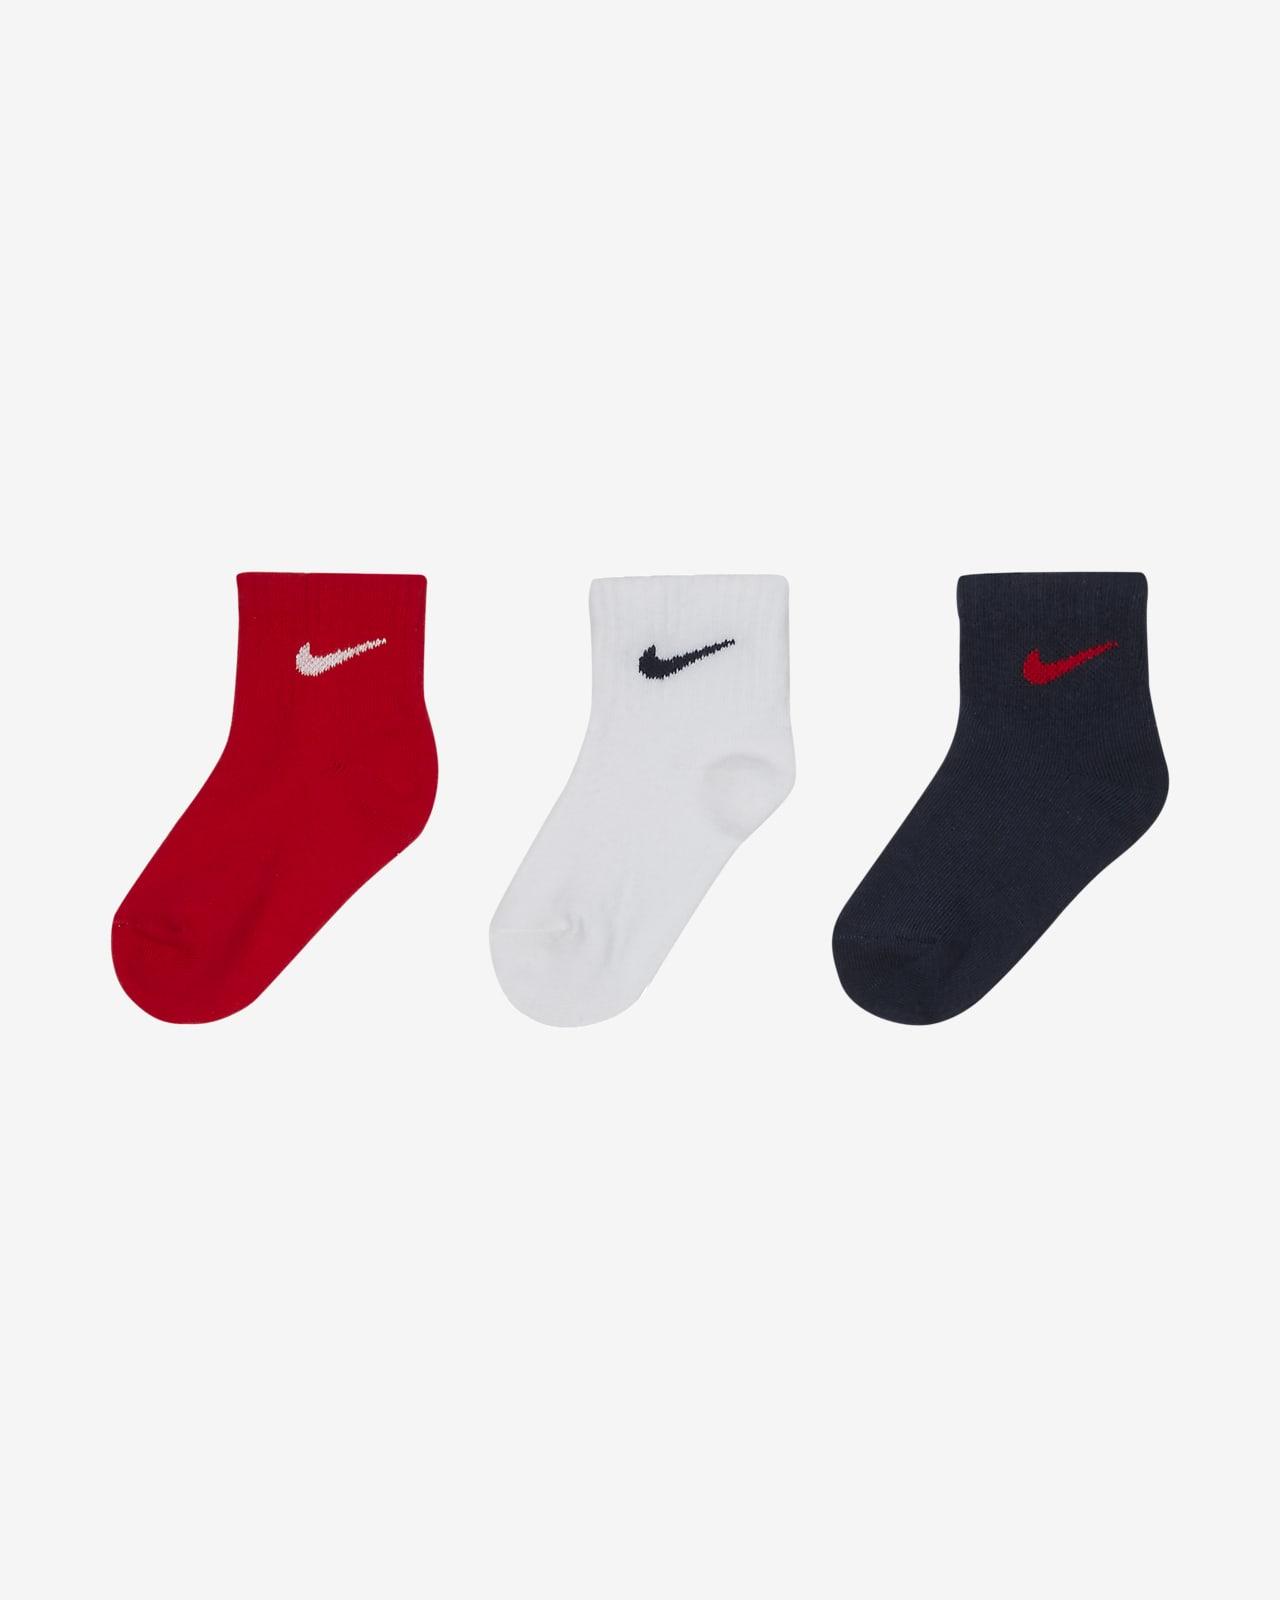 Calcetines hasta el tobillo para niños pequeños Nike (3 pares)